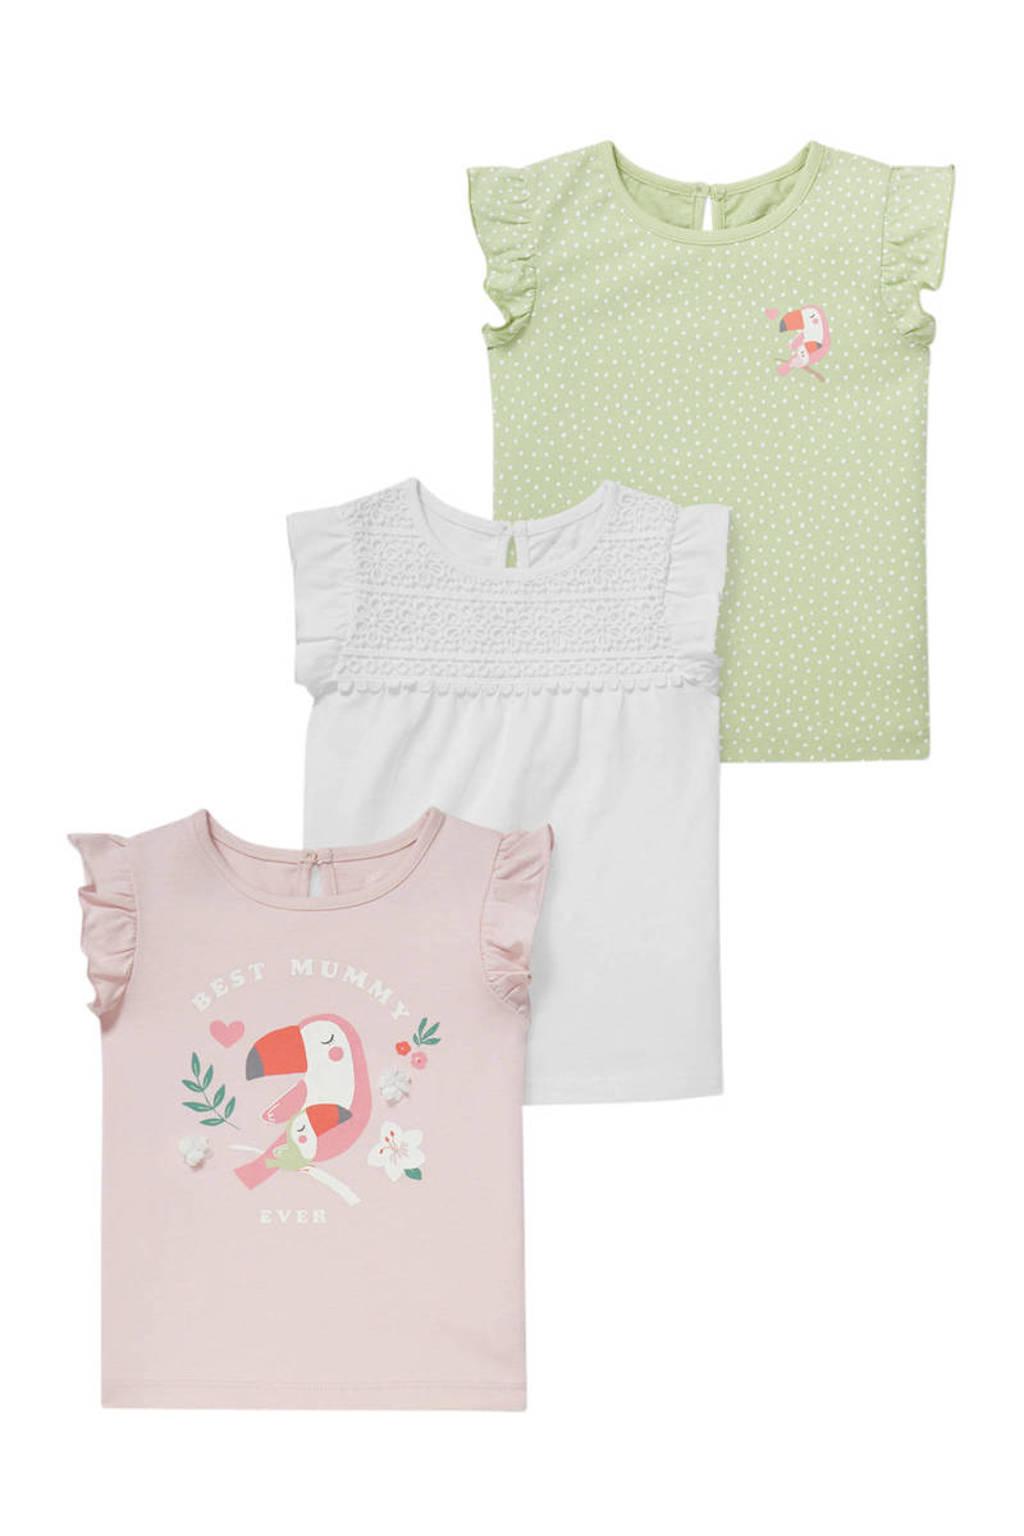 C&A Baby Club T-shirt - set van 3 lichtroze/wit/lichtgroen, Lichtroze/wit/lichtgroen